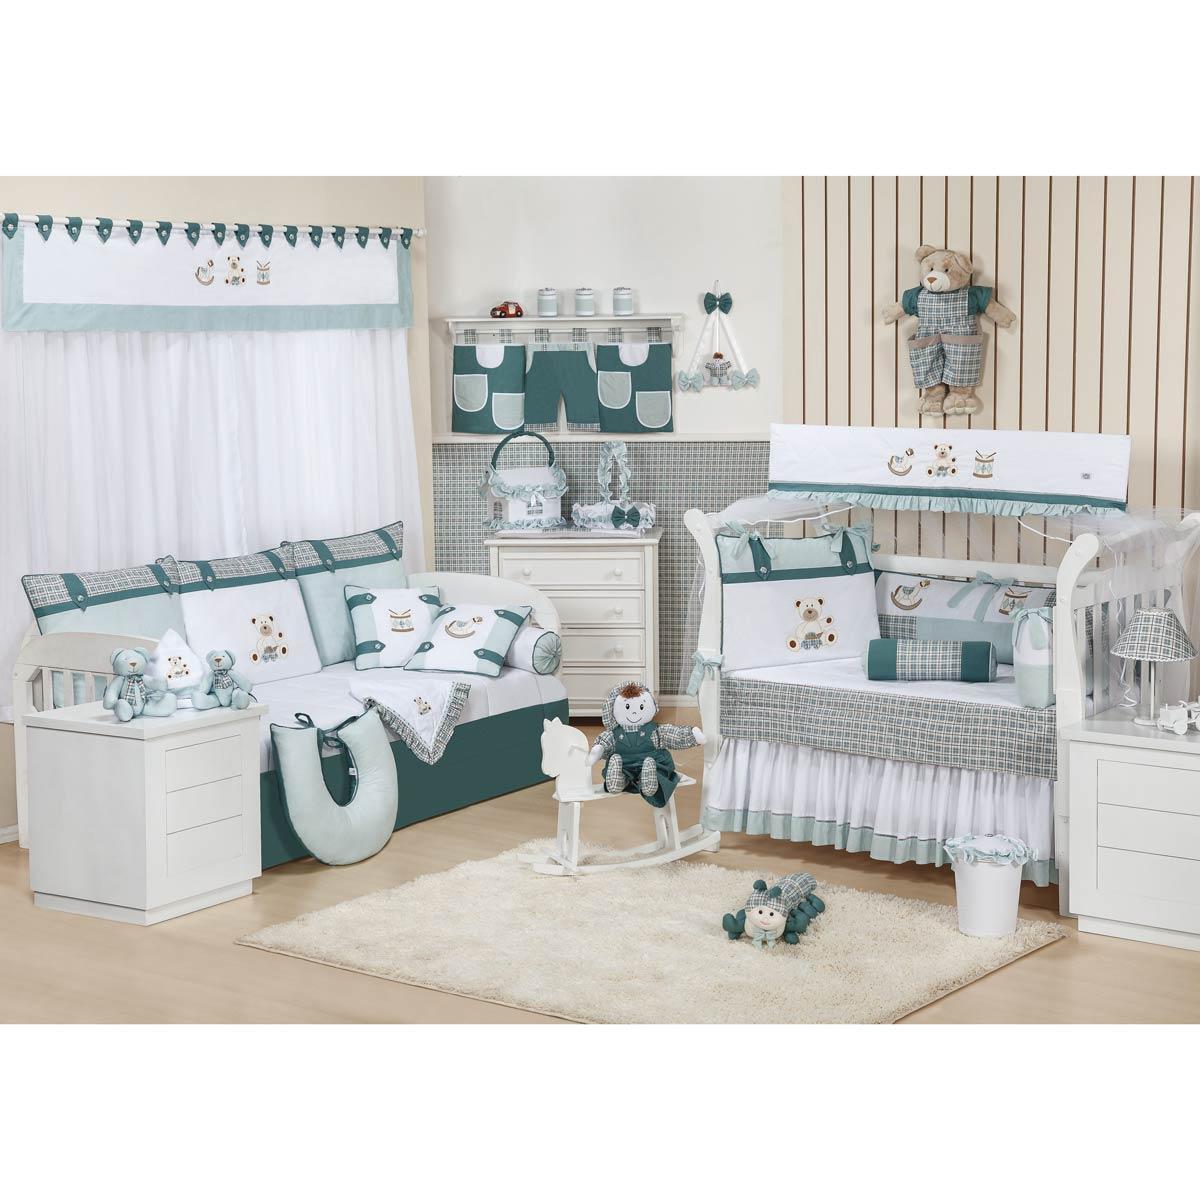 Centopéia Avulso para Quarto de Bebê - Coleção Brinquedos Baby